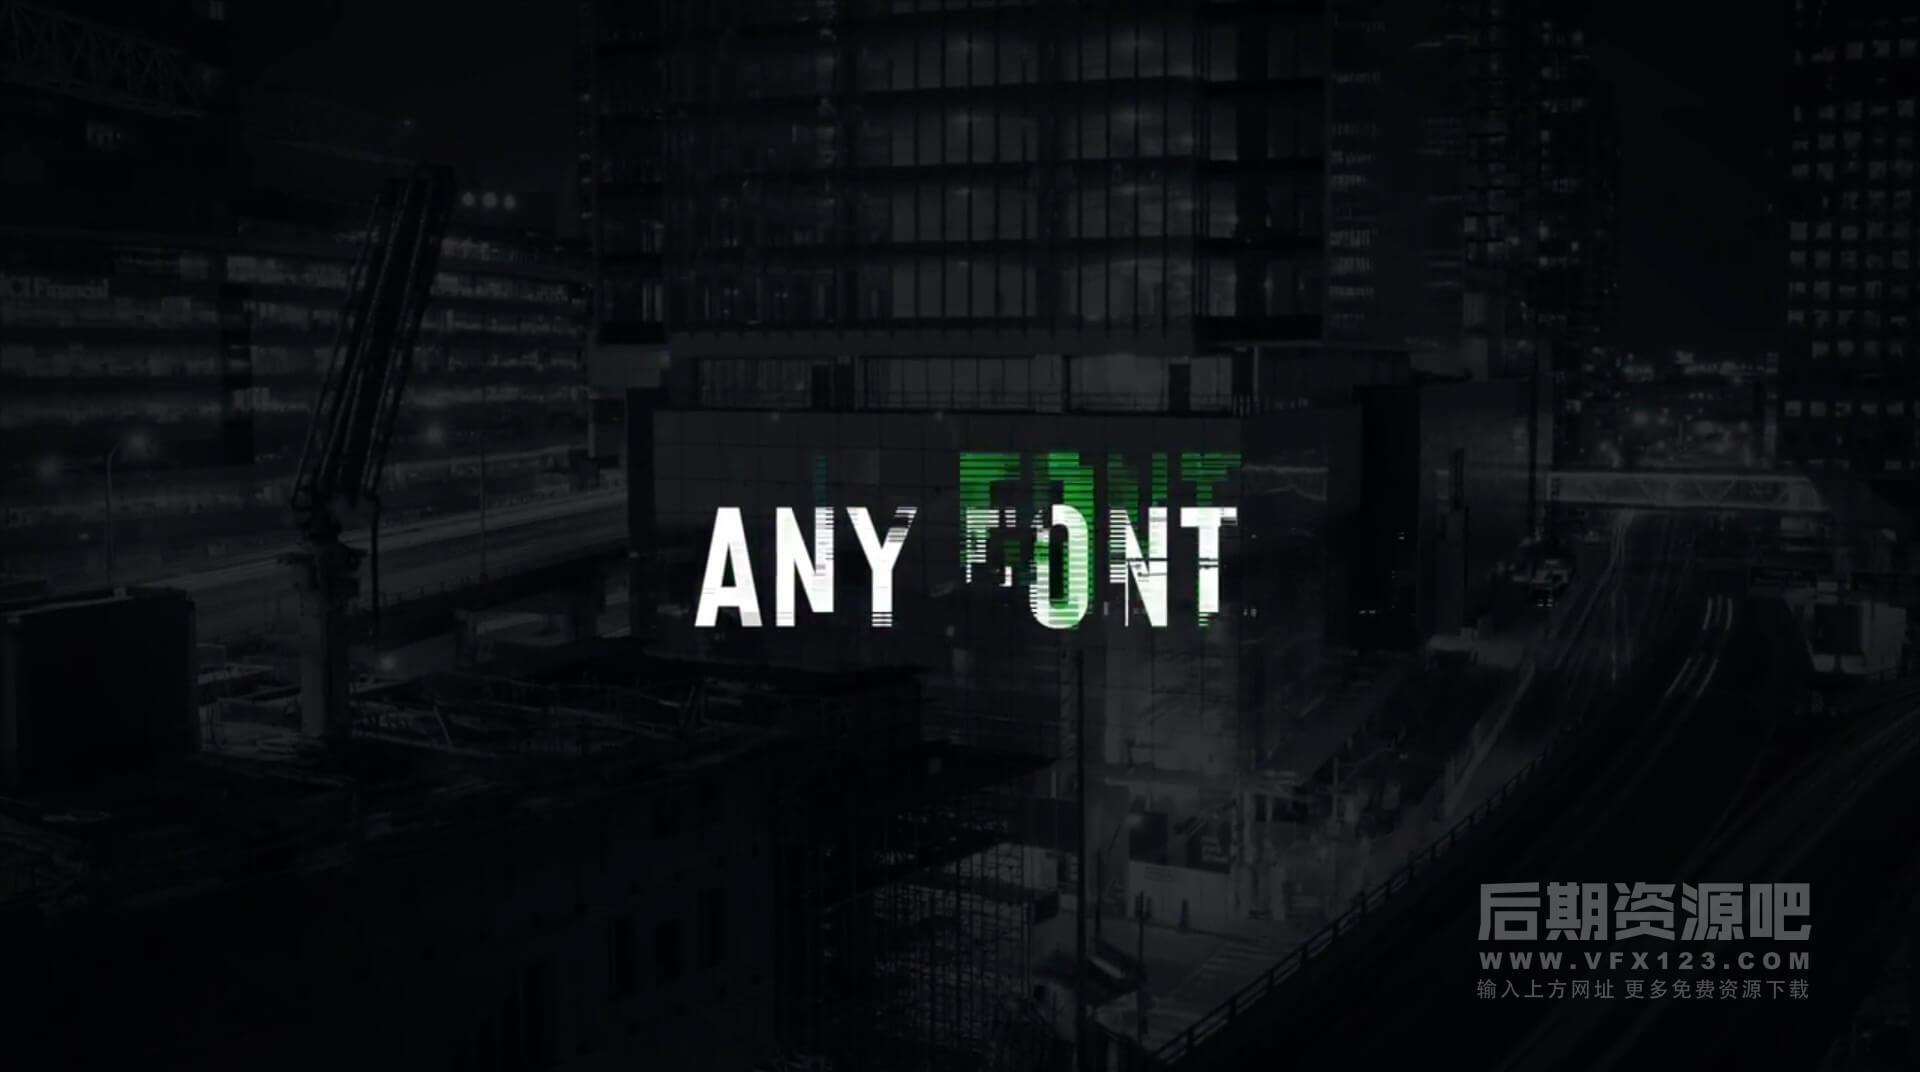 FCPX标题插件 56个毛刺干扰故障科幻风格字幕 Vlog常用标题 Titles Animator